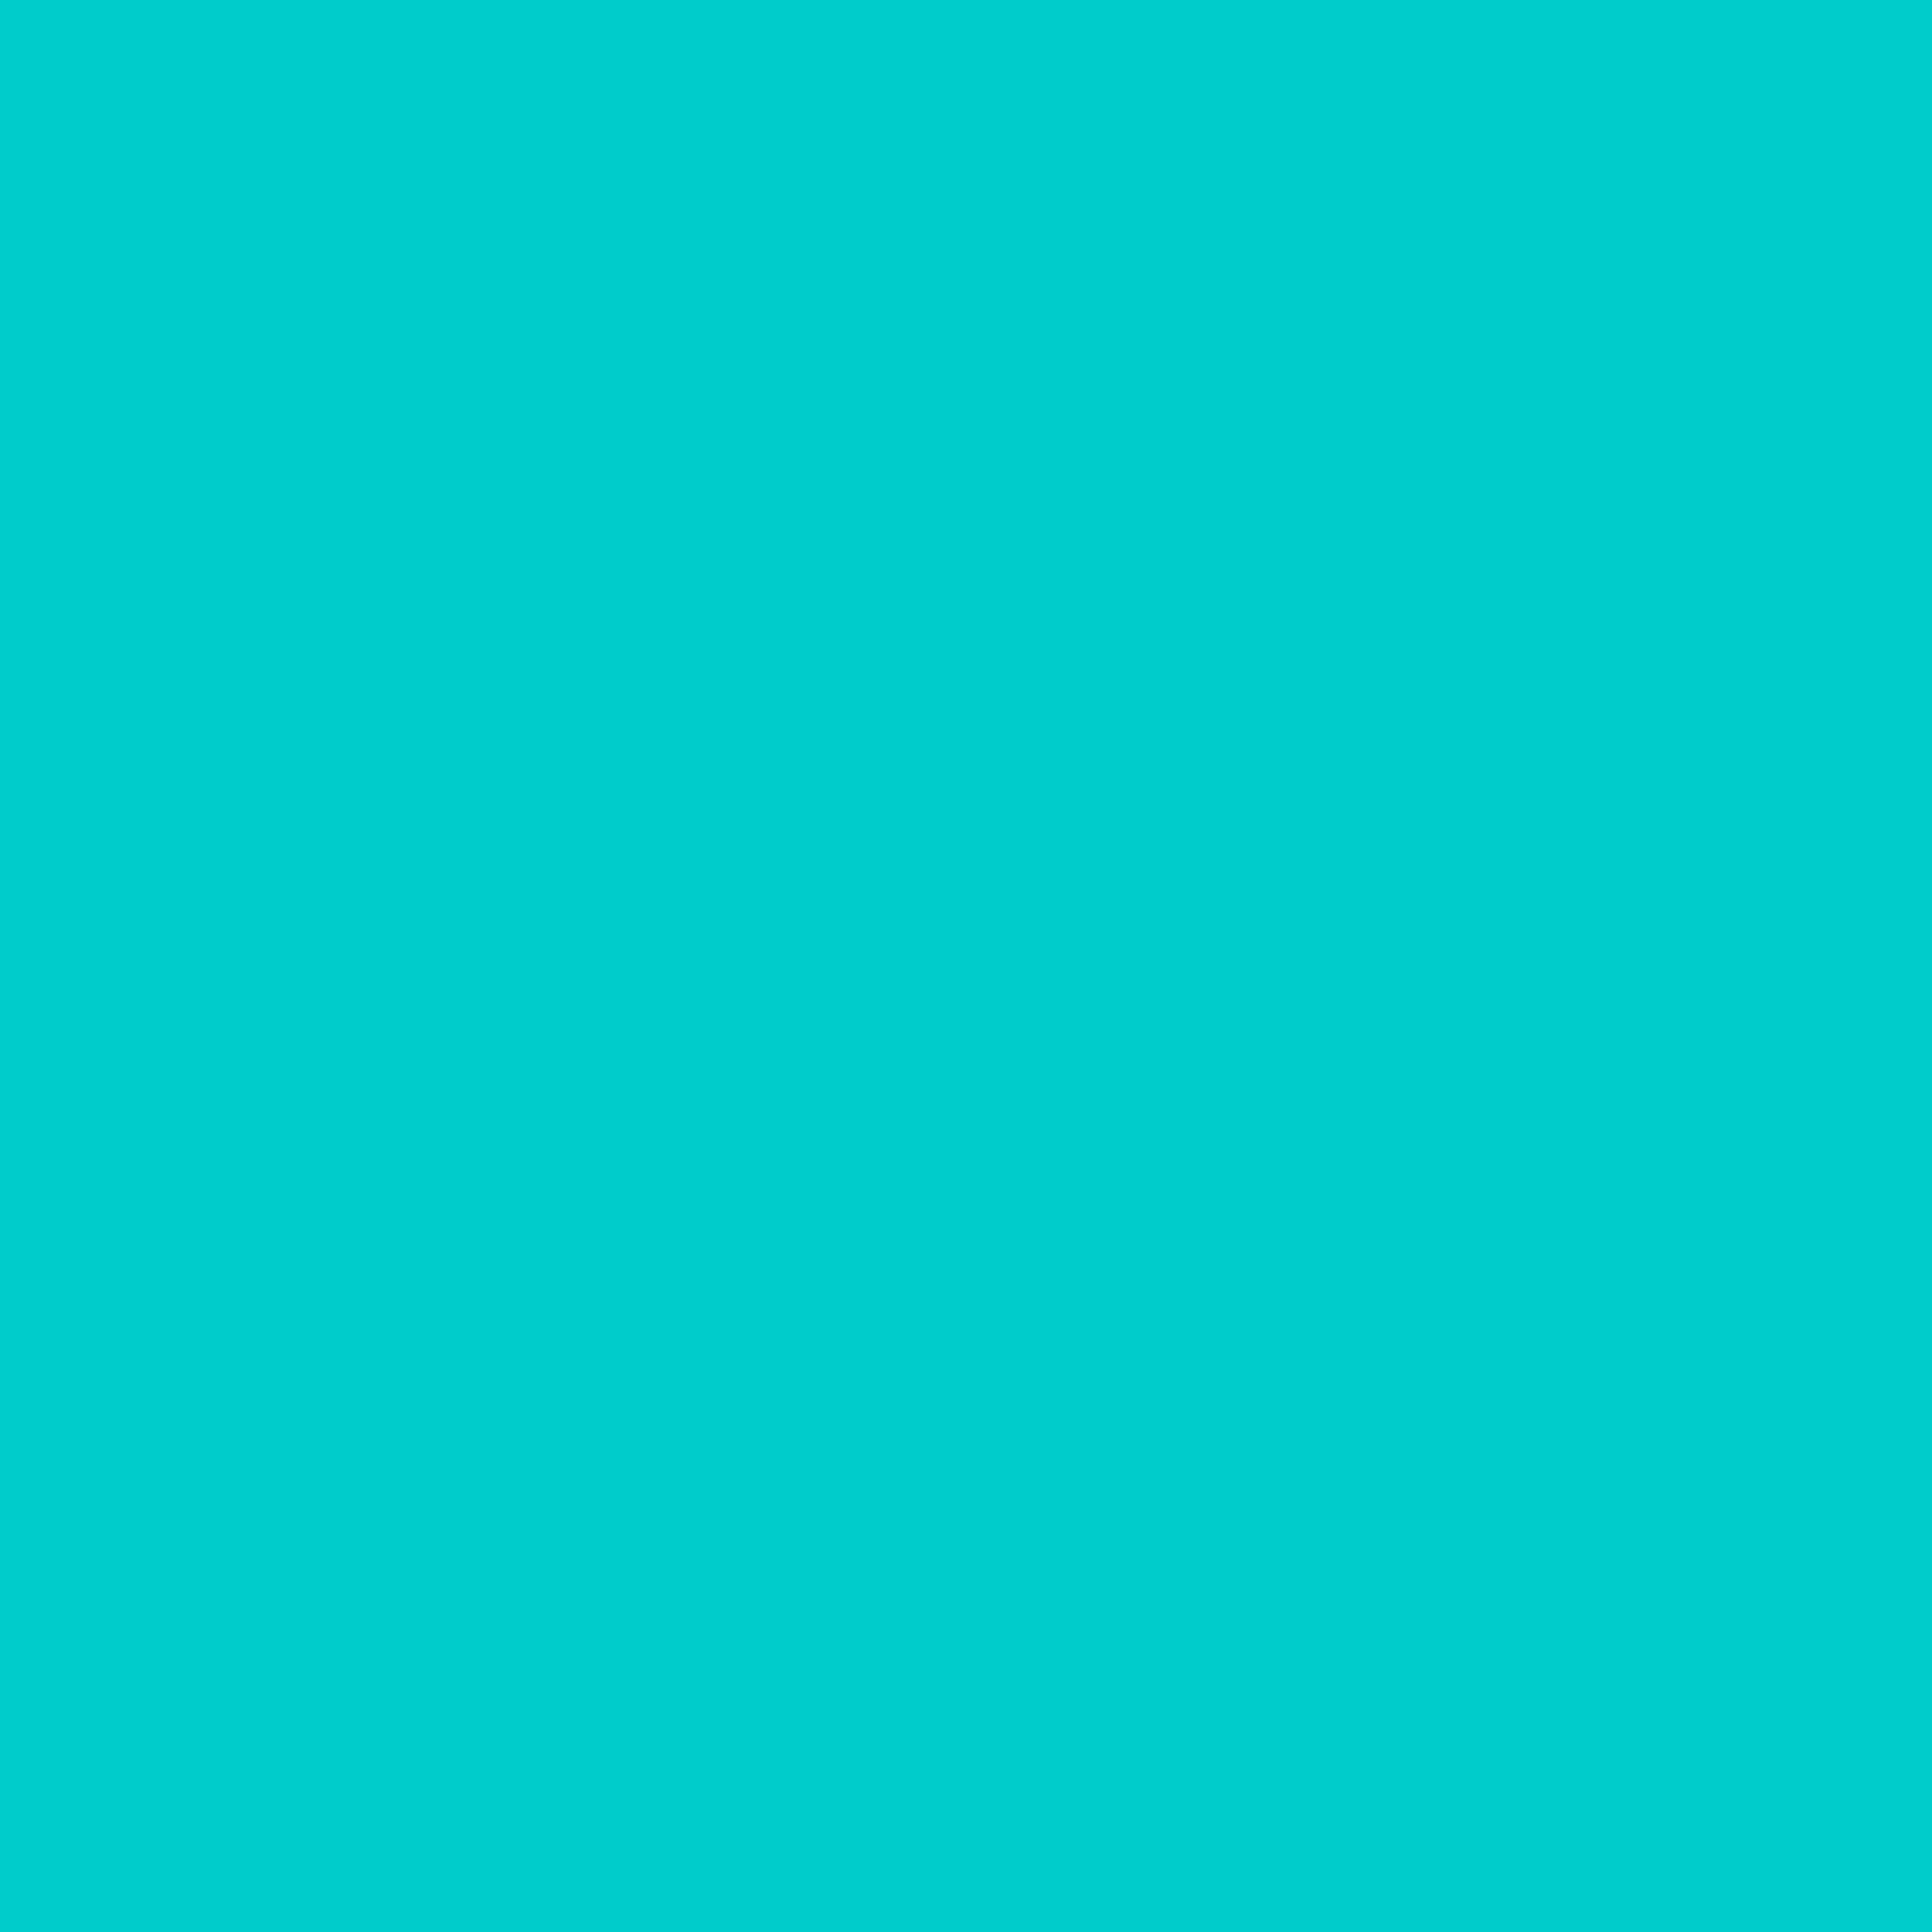 2732x2732 Robin Egg Blue Solid Color Background